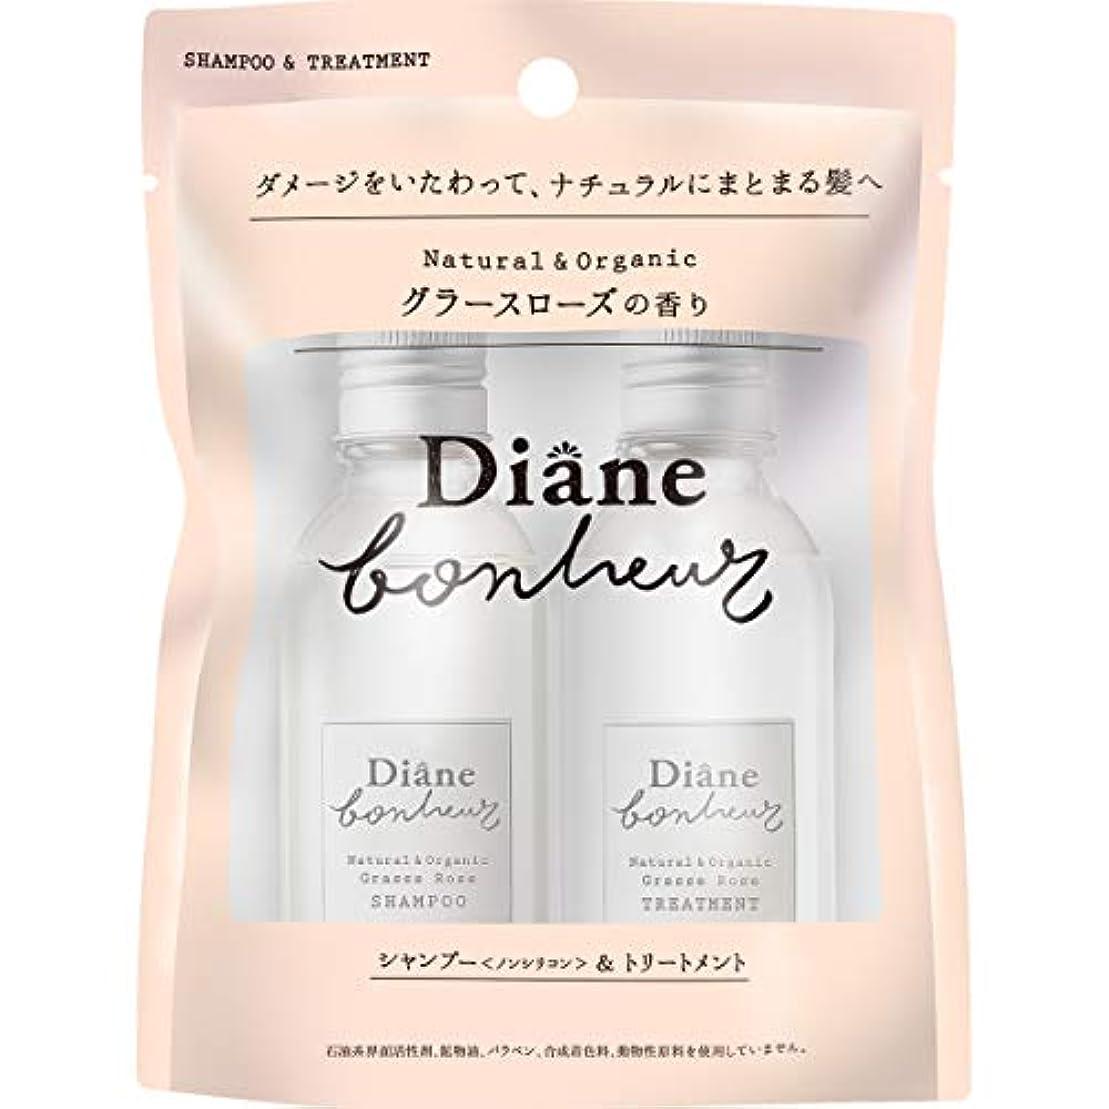 ダイアン ボヌール グラースローズの香り ダメージリペア シャンプー&トリートメント トライアル 40ml×2